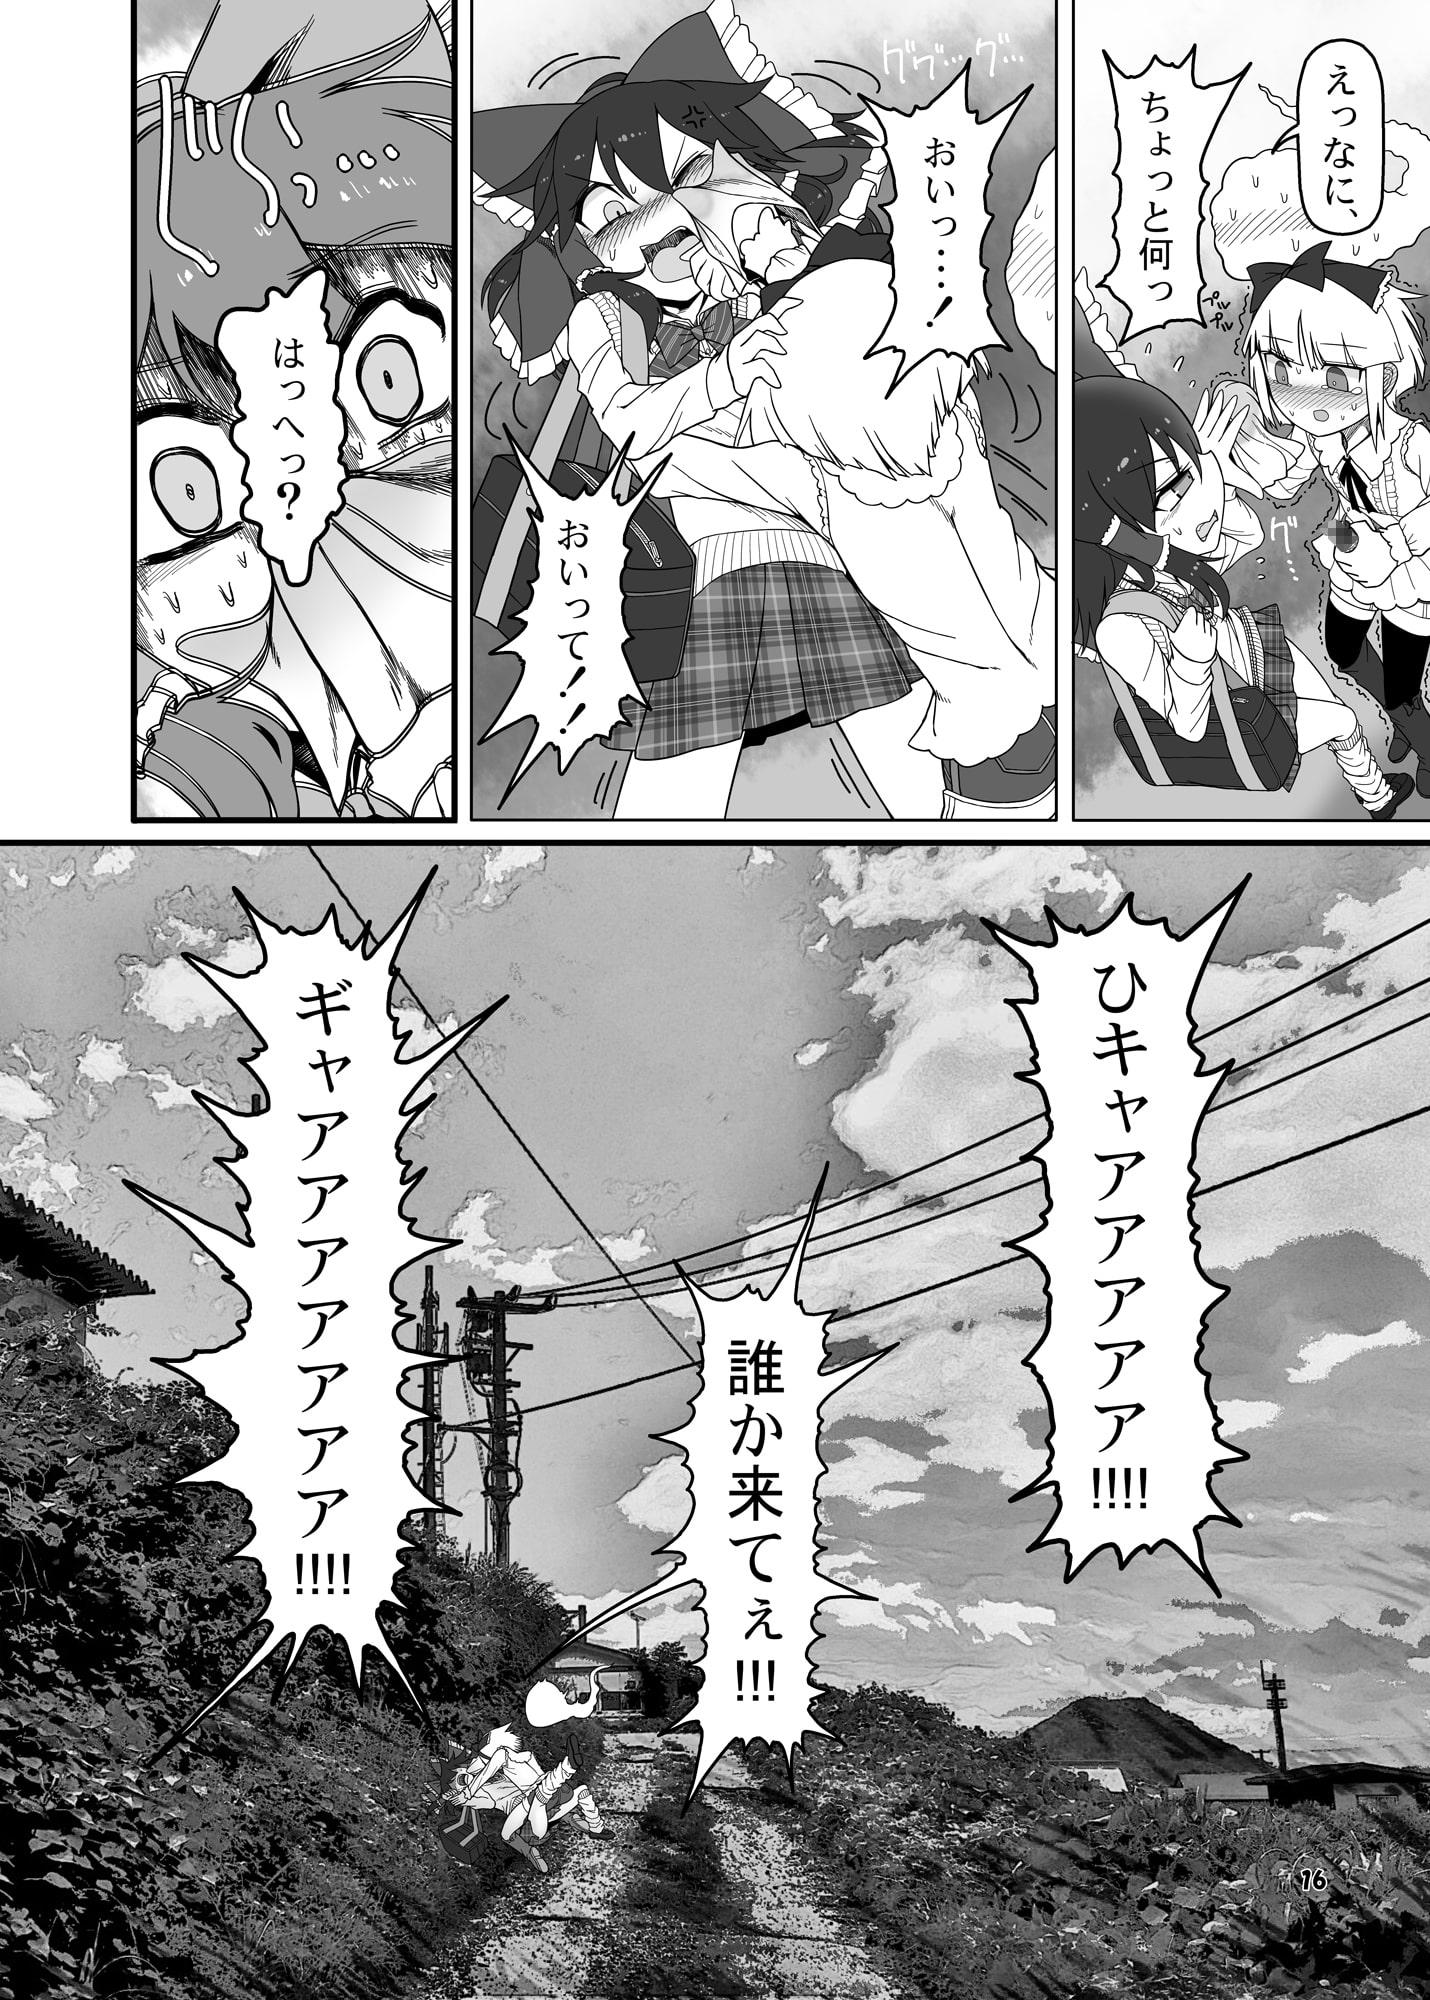 咲みょん禁忌2スカトロ巻き込み編